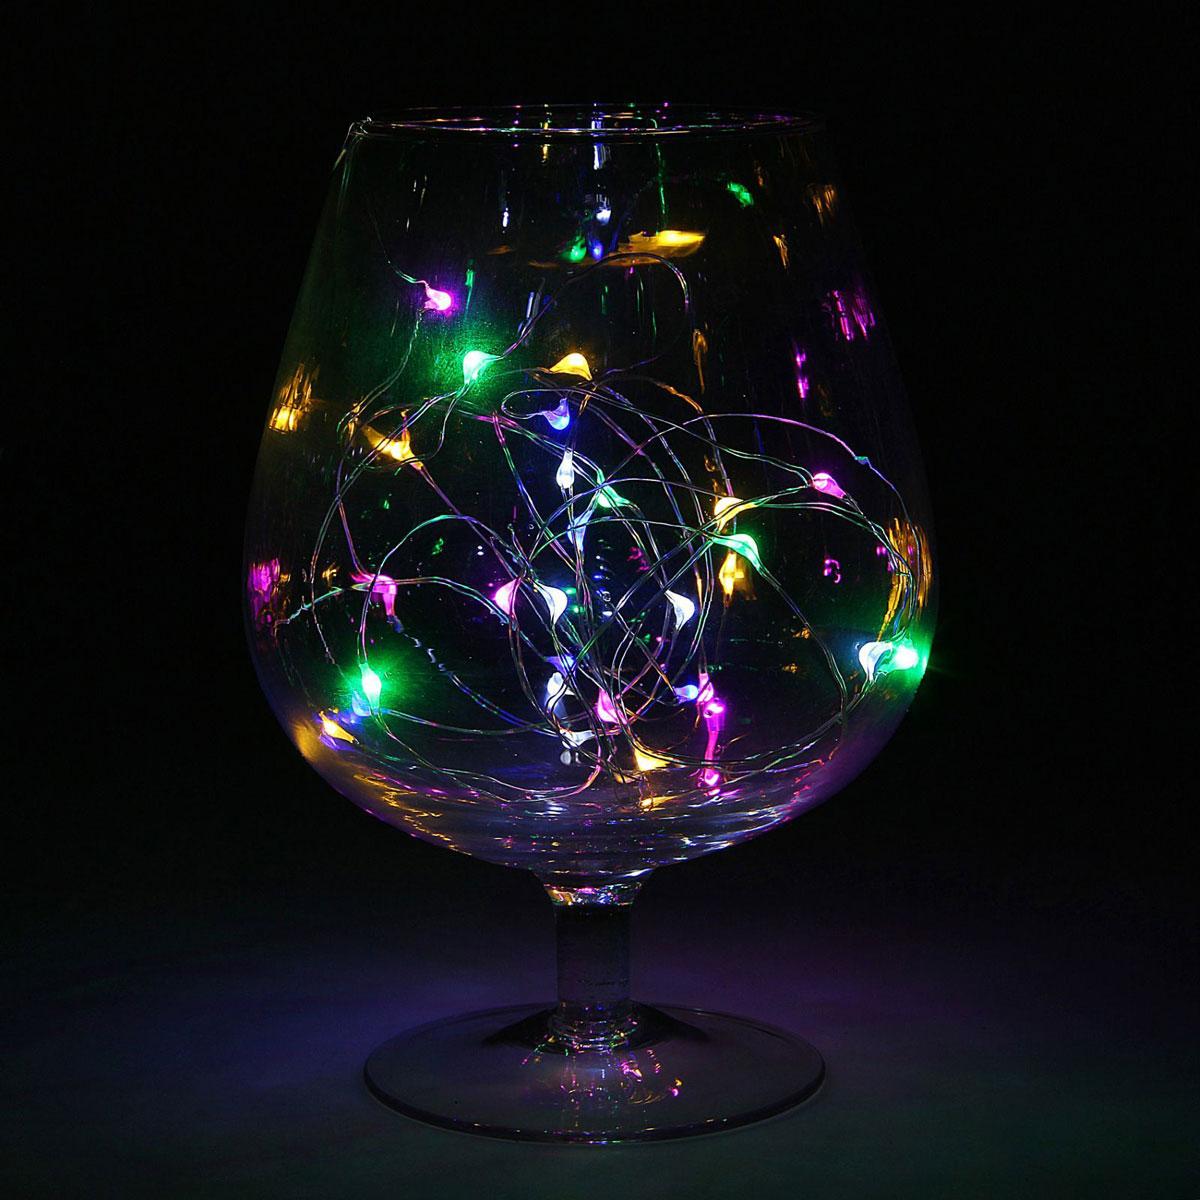 Гирлянда светодиодная Luazon Метраж. Капля росы, цвет: мультиколор, 20 ламп, 2 режима, 3,6 V, длина 2 м. 10805801080580Светодиодные гирлянды и ленты — это отличный вариант для новогоднего оформления интерьера или фасада. С их помощью помещение любого размера можно превратить в праздничный зал, а внешние элементы зданий, украшенные ими, мгновенно станут напоминать очертания сказочного дворца. Такие украшения создают ауру предвкушения чуда. Деревья, фасады, витрины, окна и арки будто специально созданы, чтобы вы украсили их светящимися нитями.